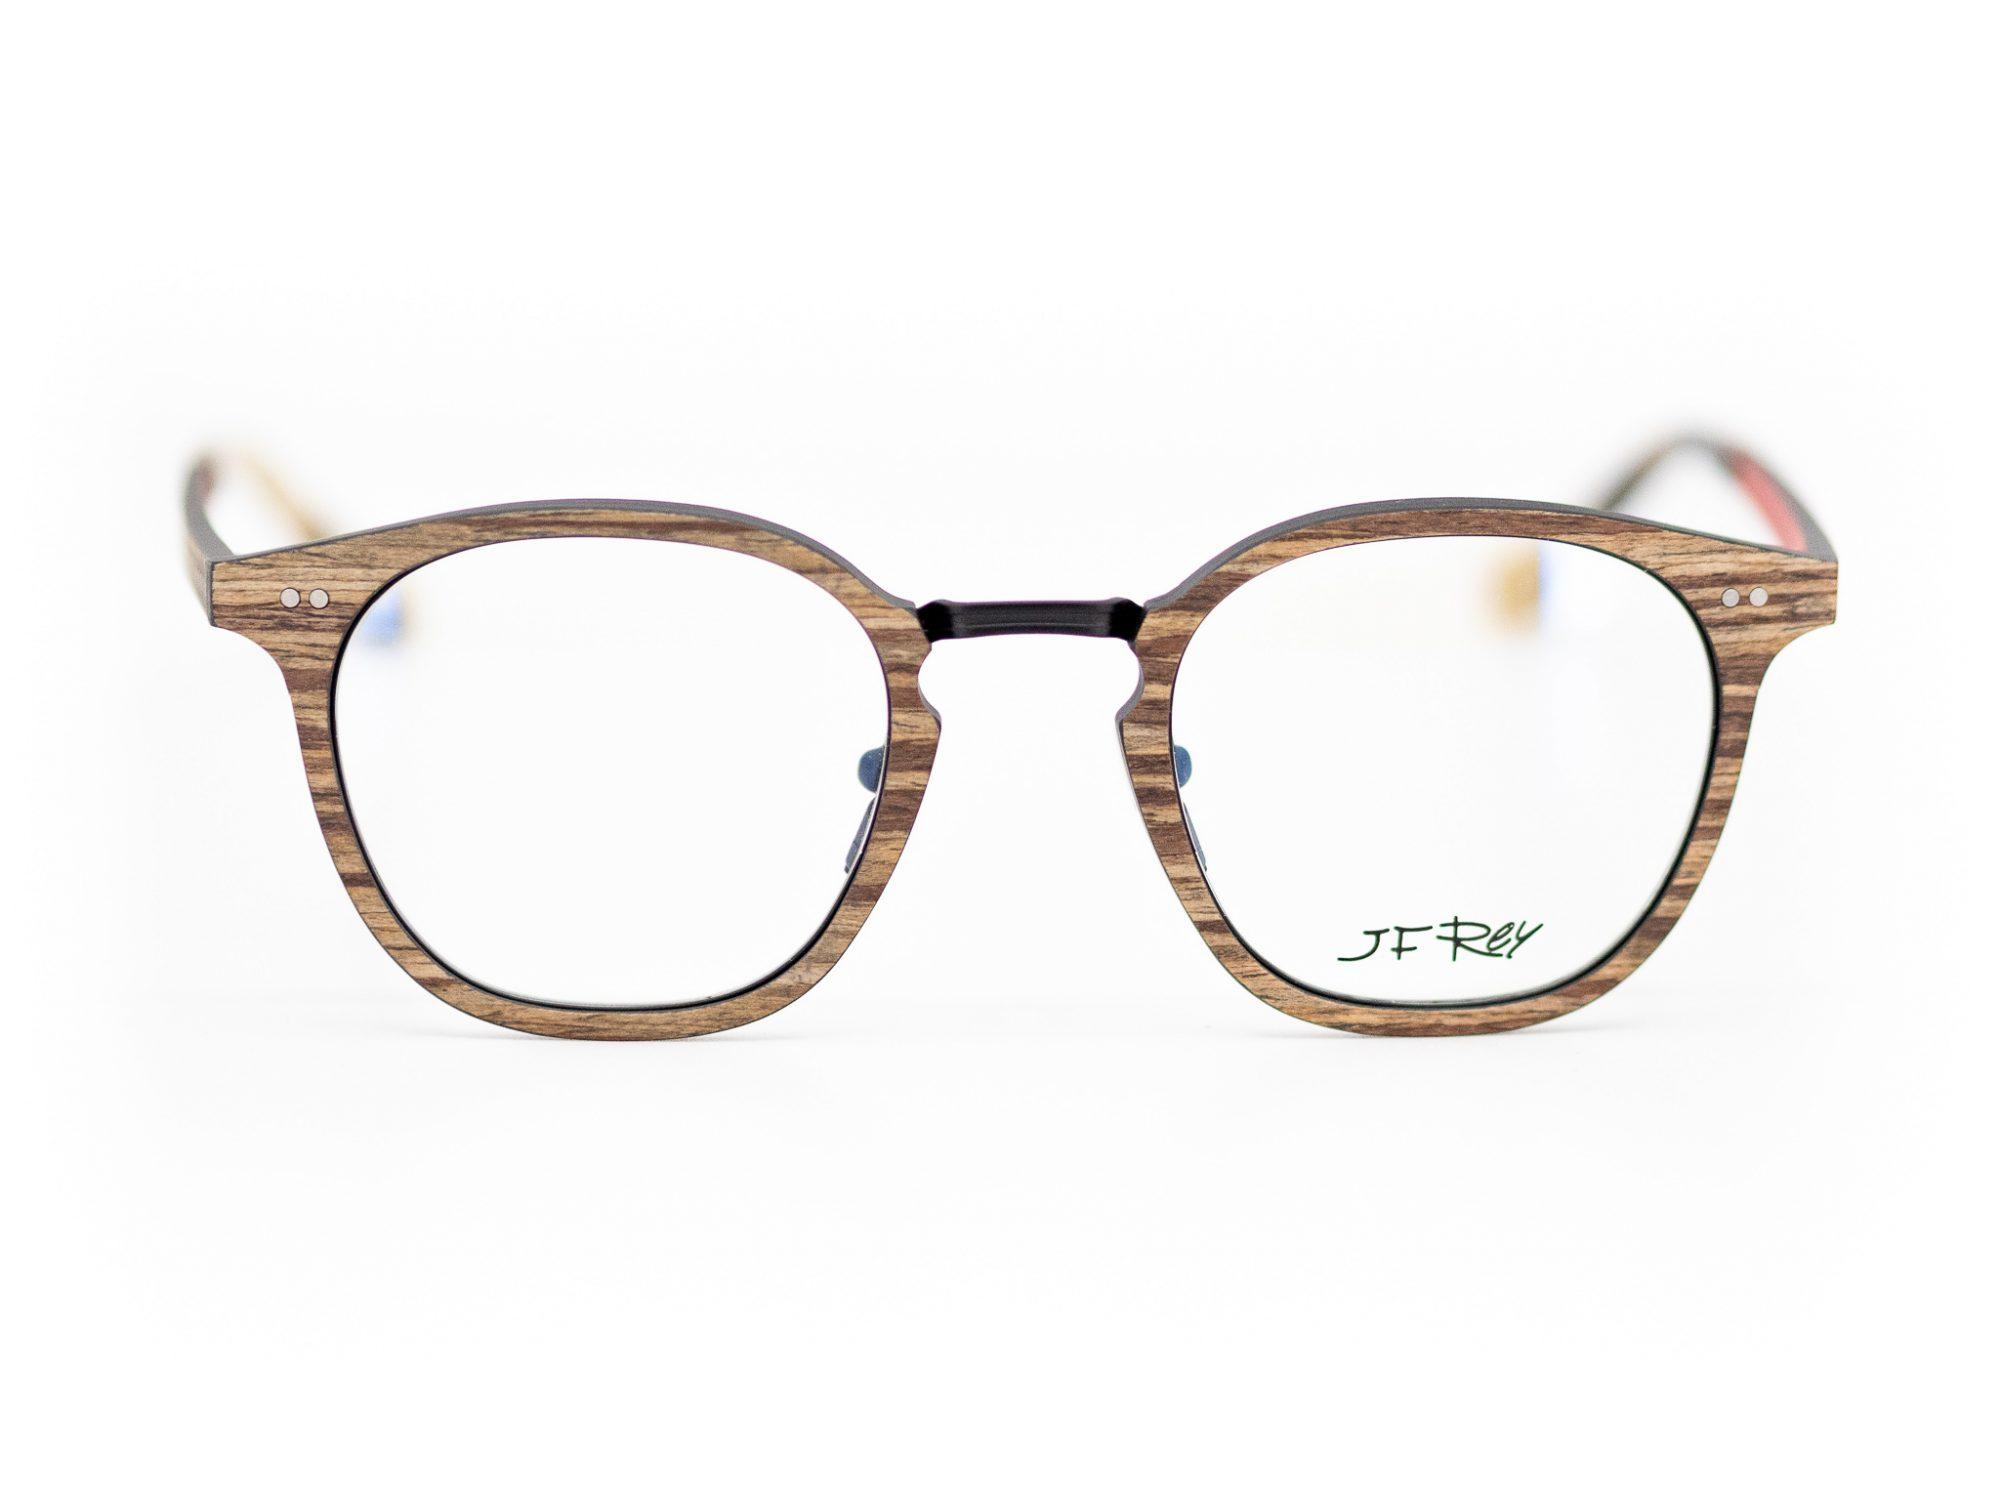 JF Rey 2899